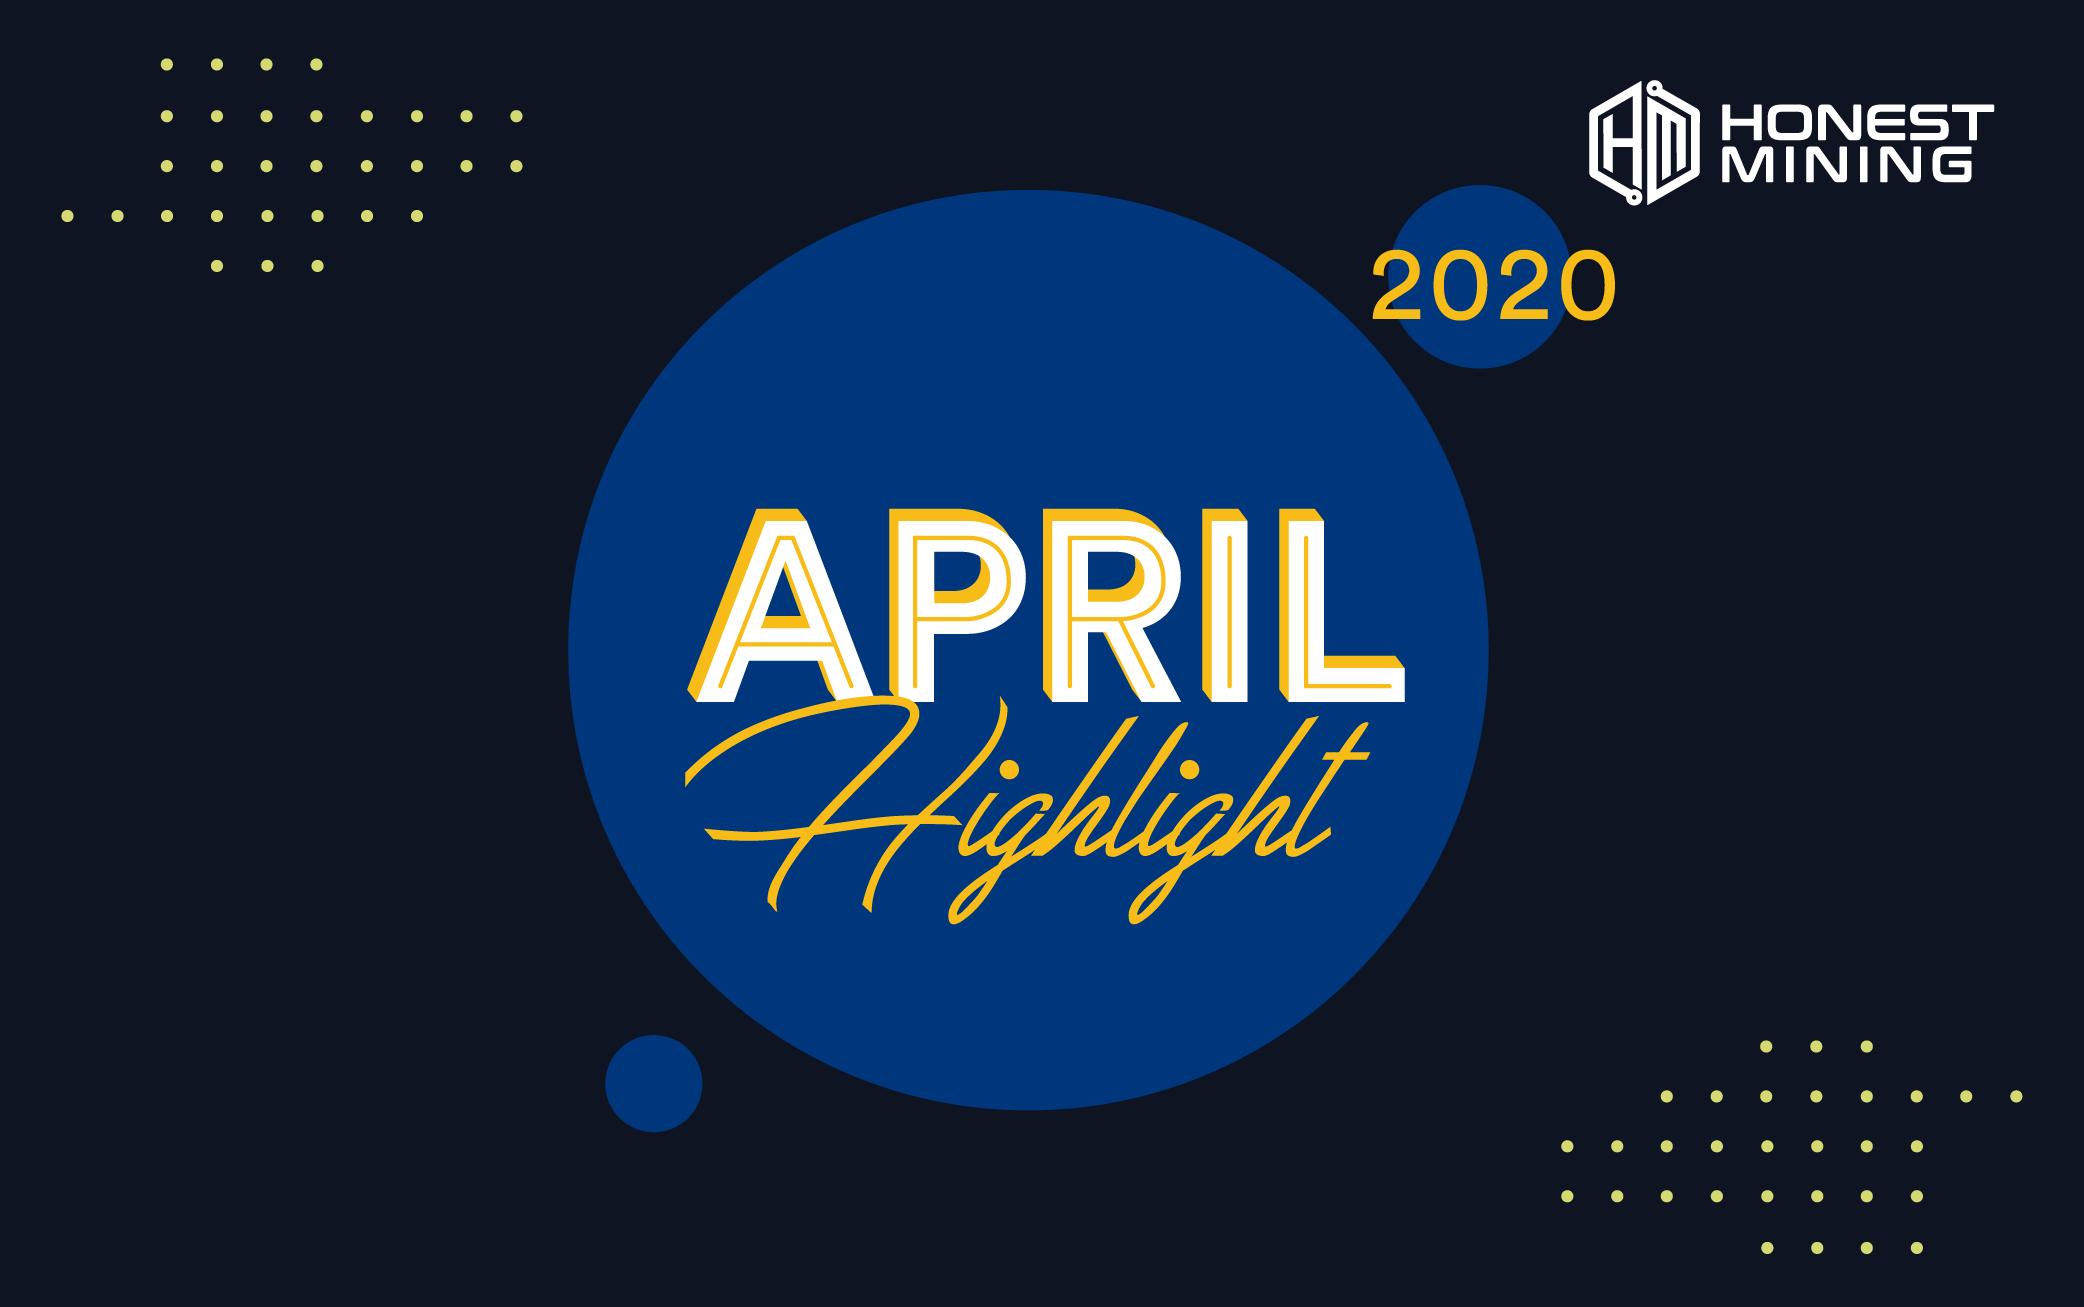 Honest Mining Highlight April 2020